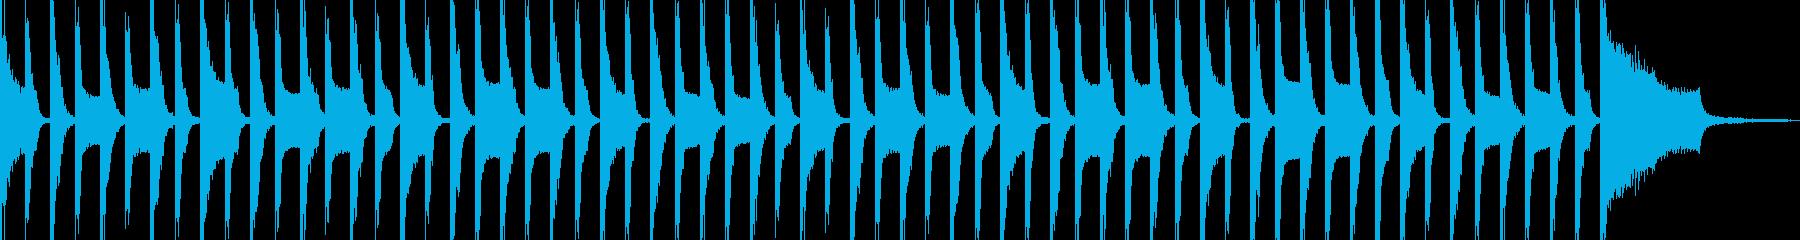 スマホTVCMの様な明るいジングル。の再生済みの波形